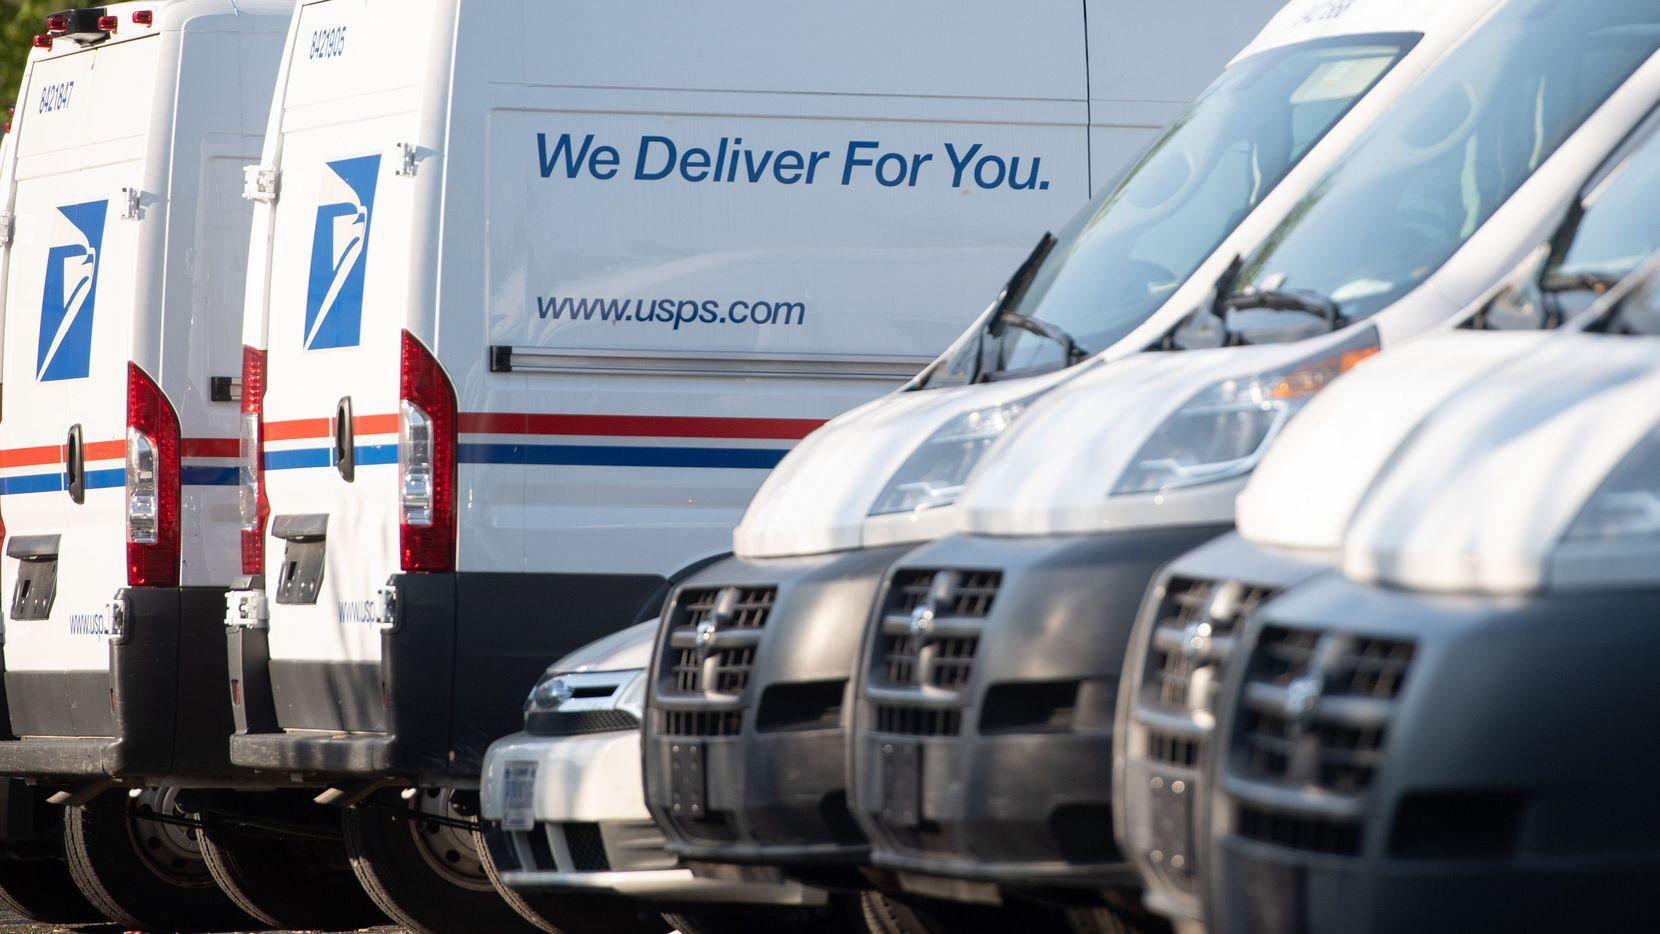 Los camiones postales están estacionados en una oficina postal del Servicio Postal de los Estados Unidos (USPS) en Washington, DC, el 16 de abril de 2020.